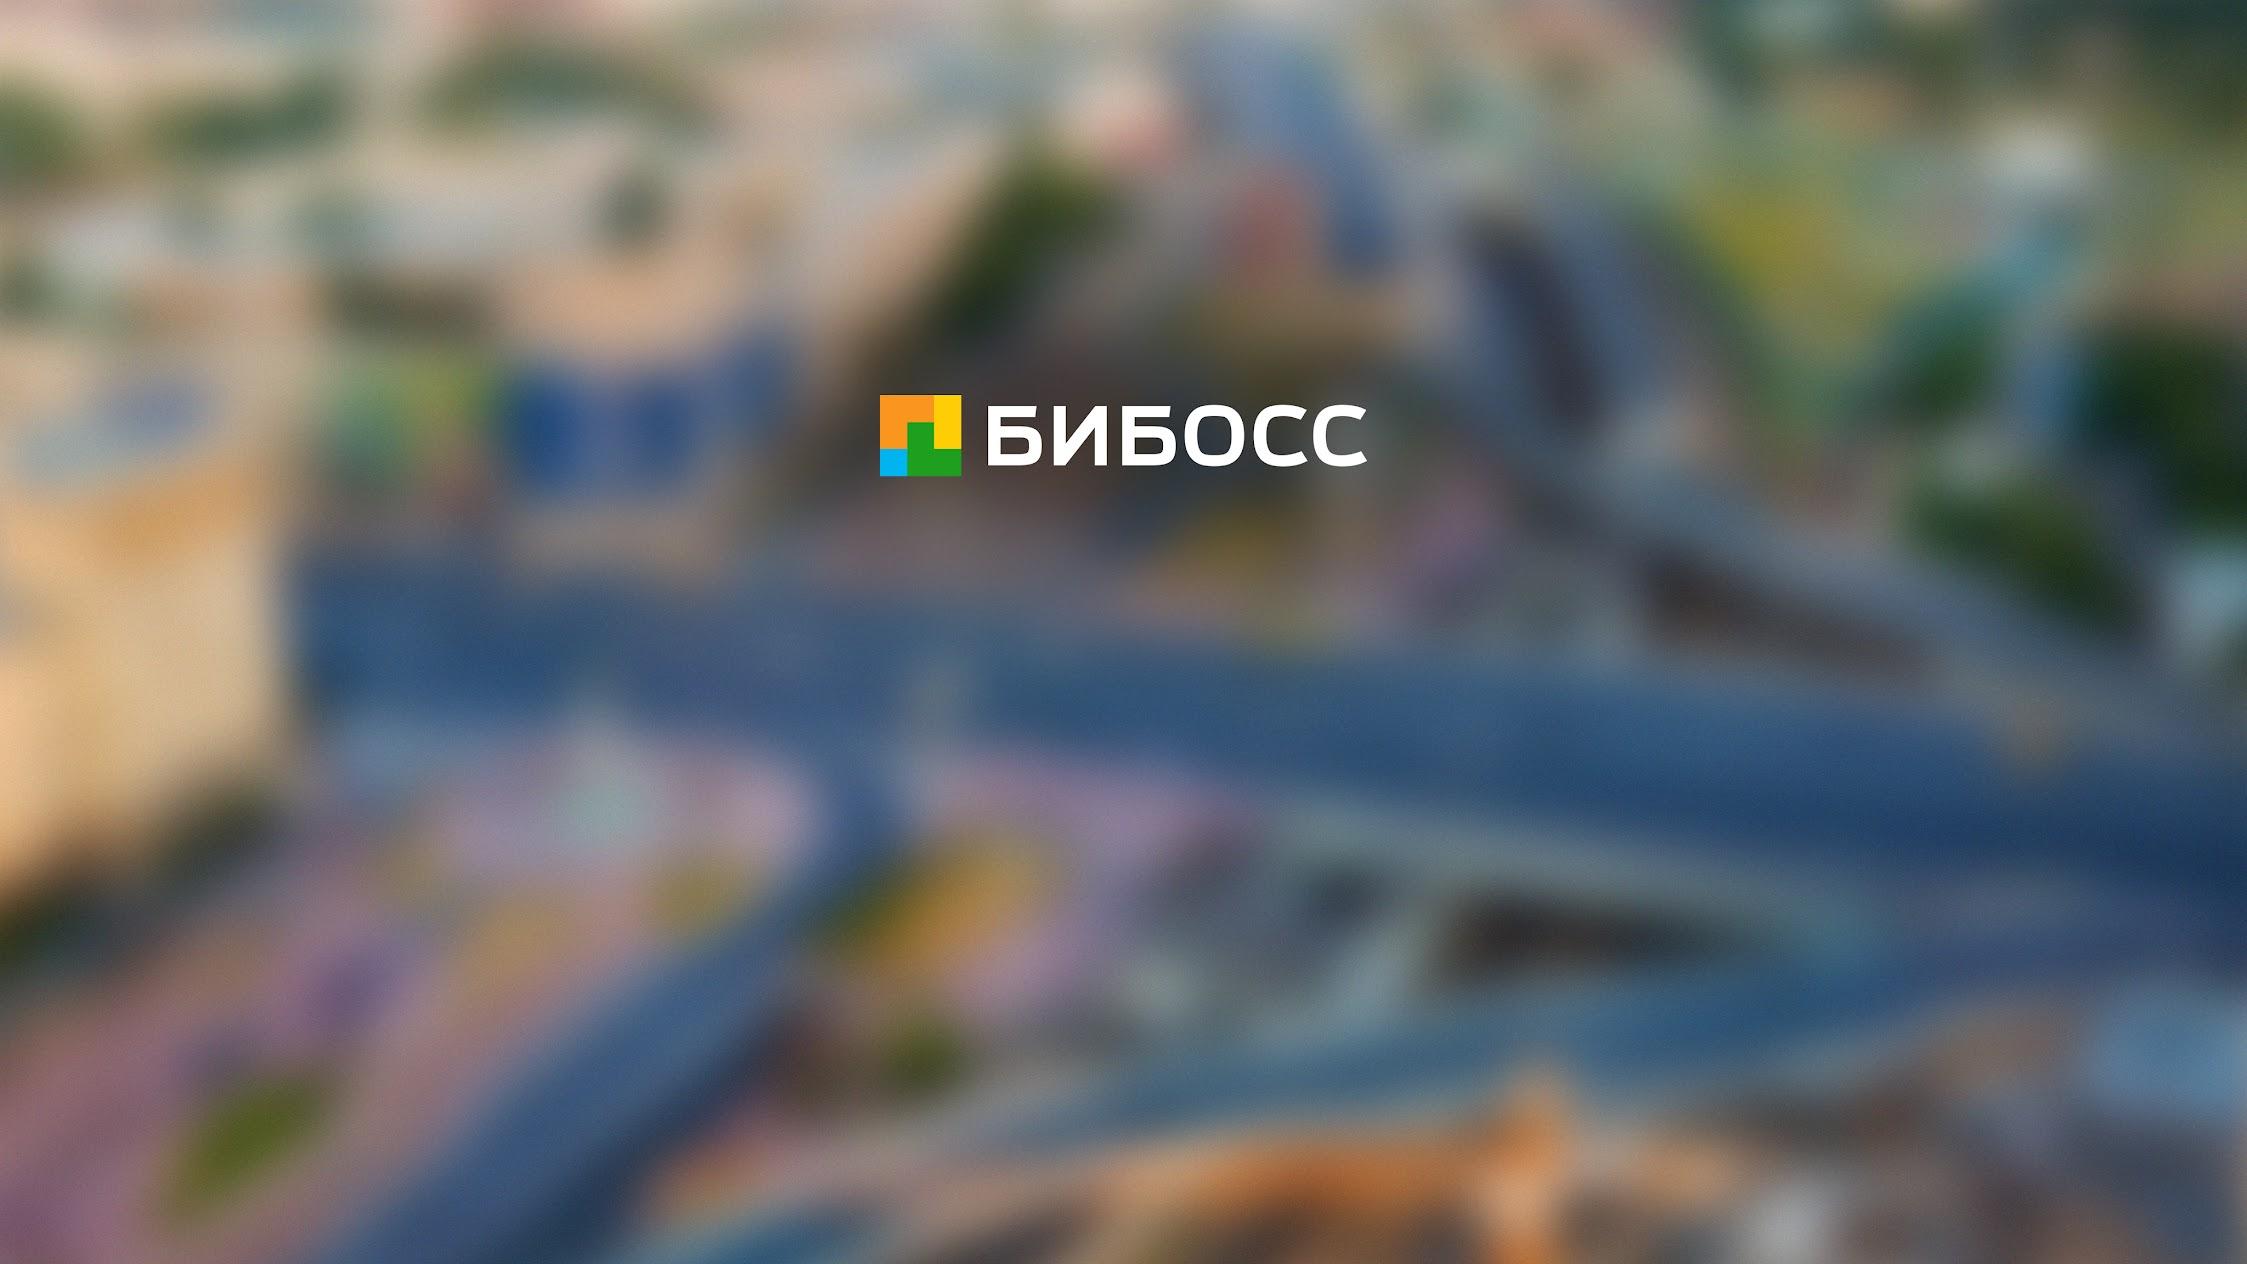 BeBoss.ru